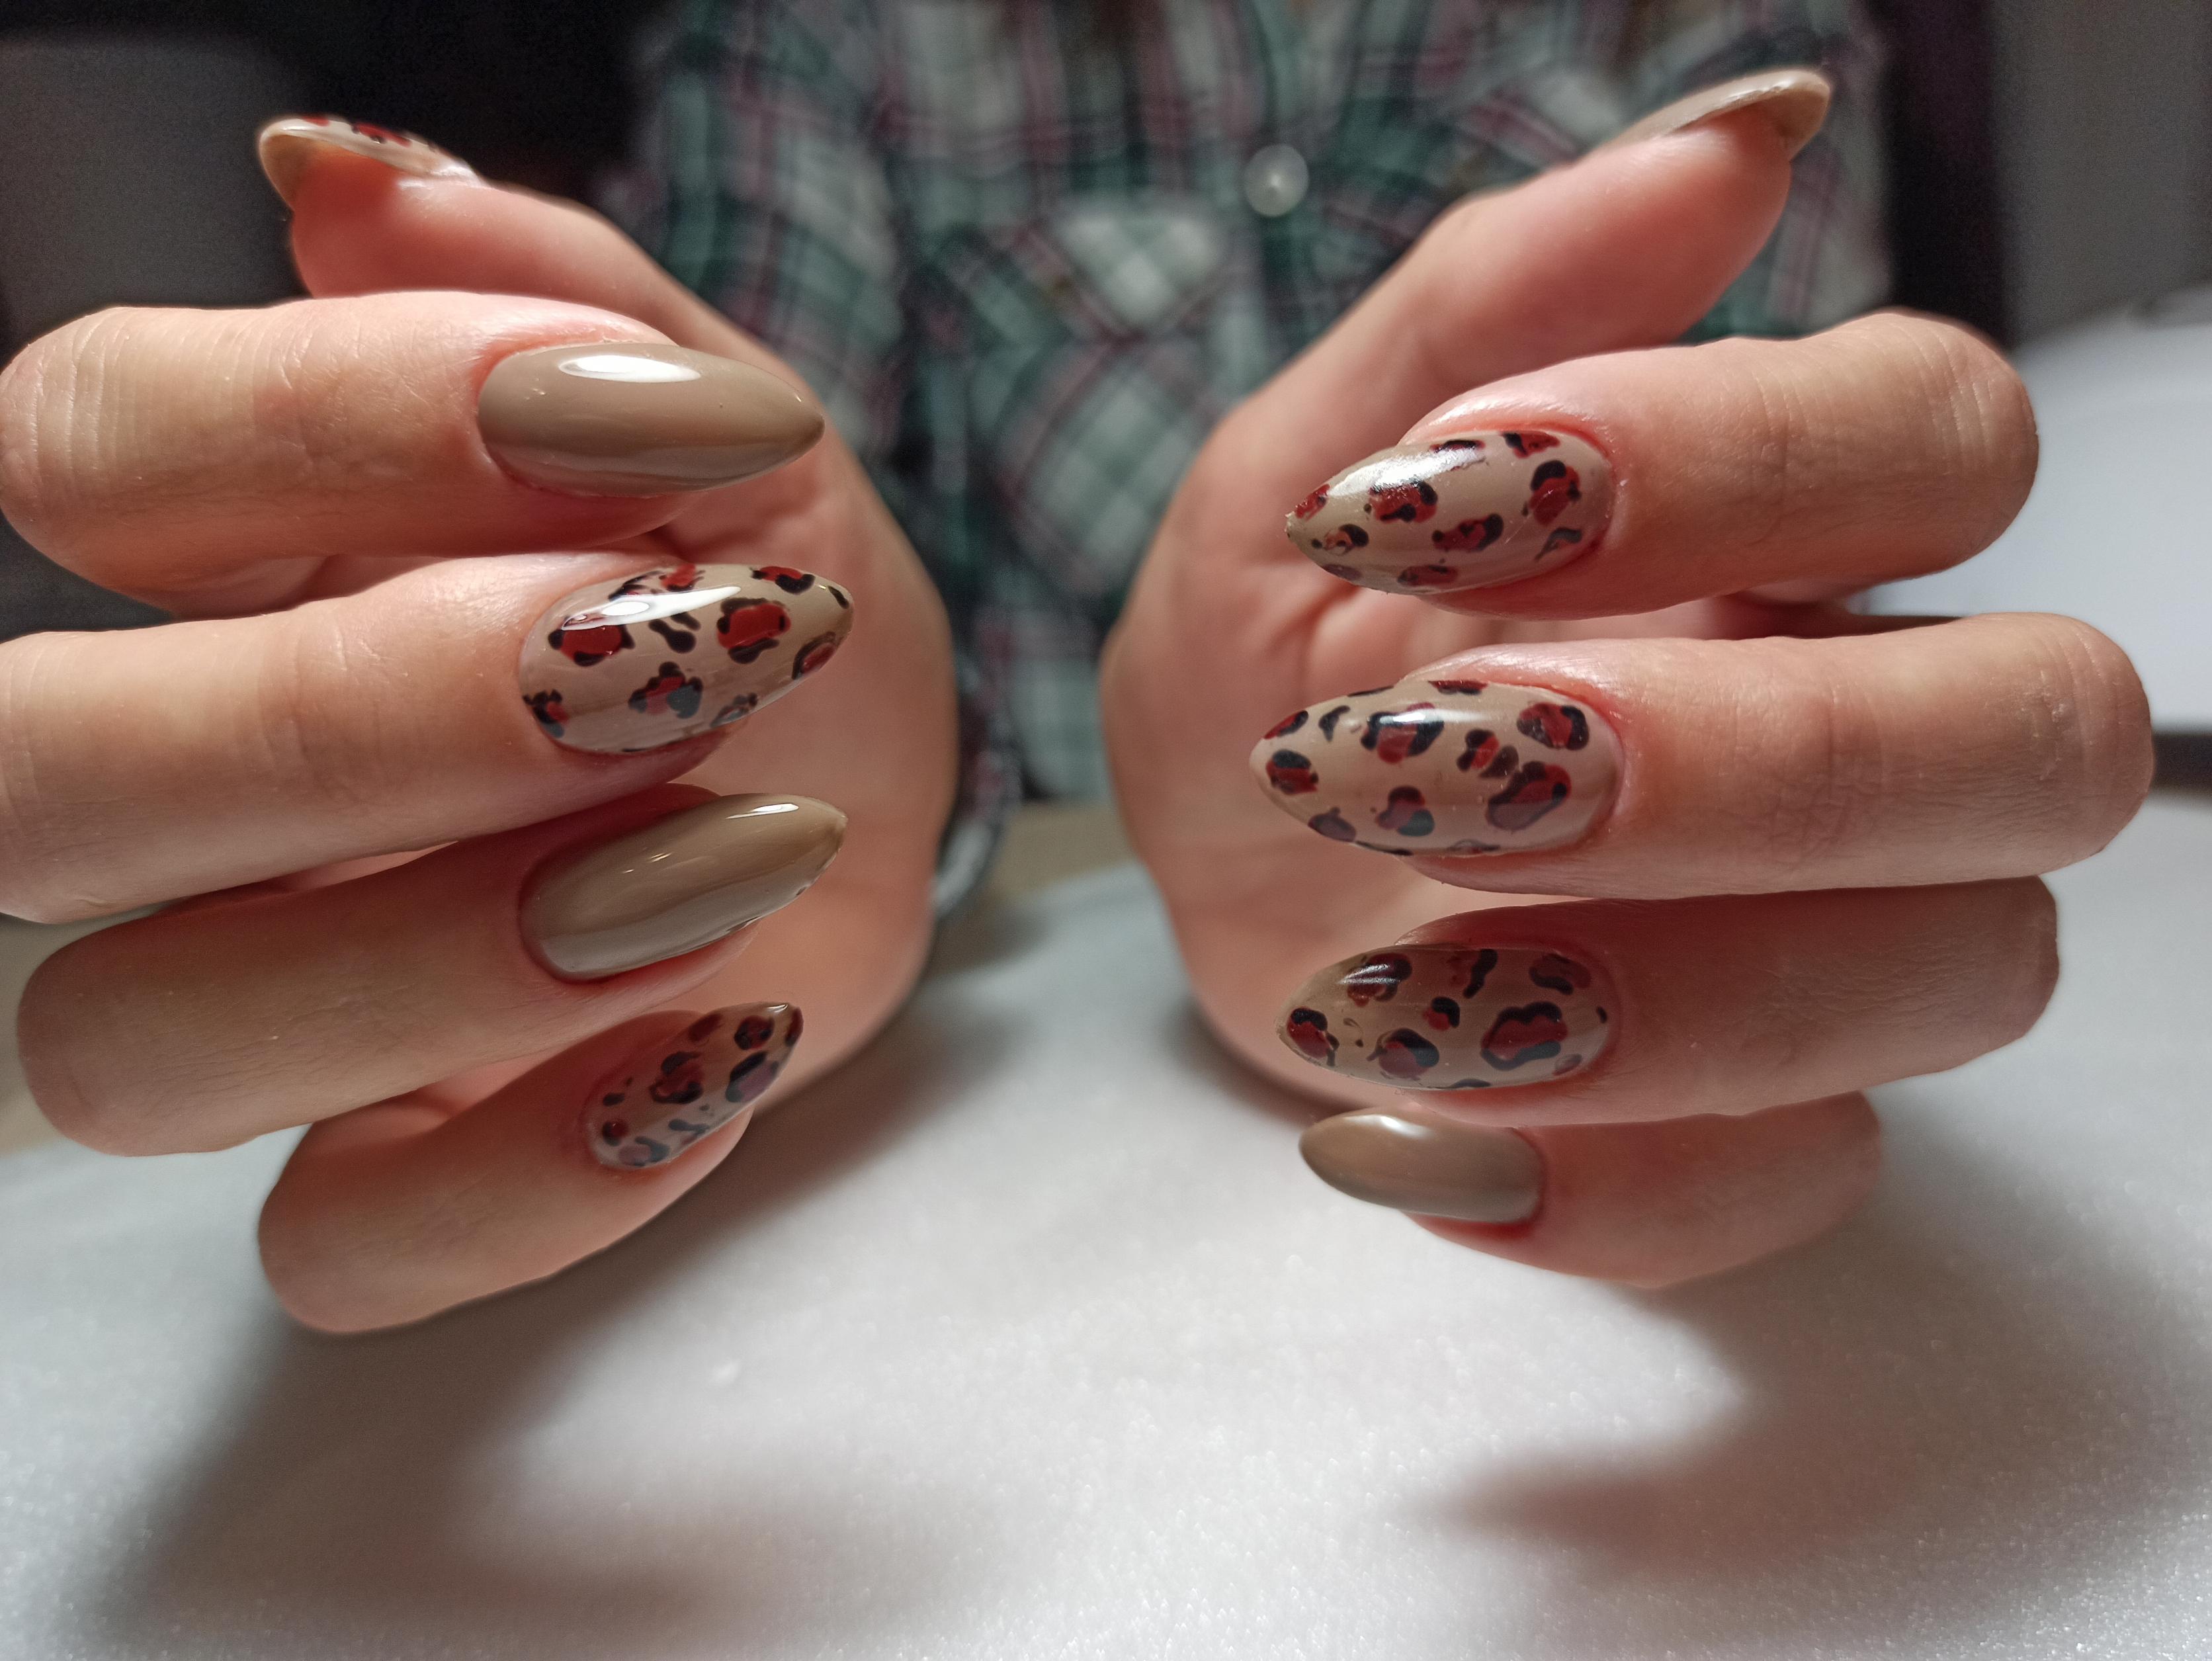 Маникюр с леопардовым принтом а бежевом цвете на длинные ногти.